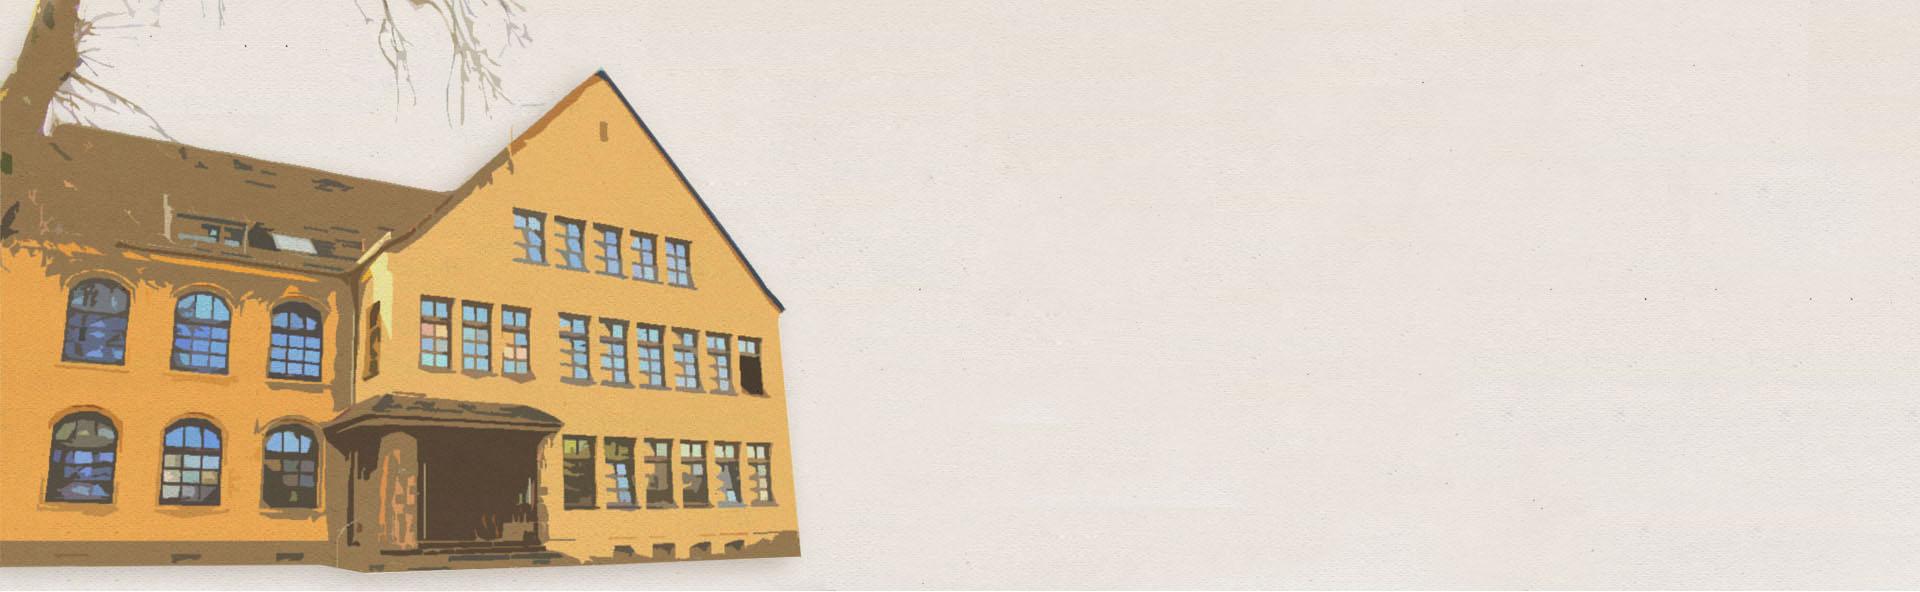 Johannes-Schule in Frechen